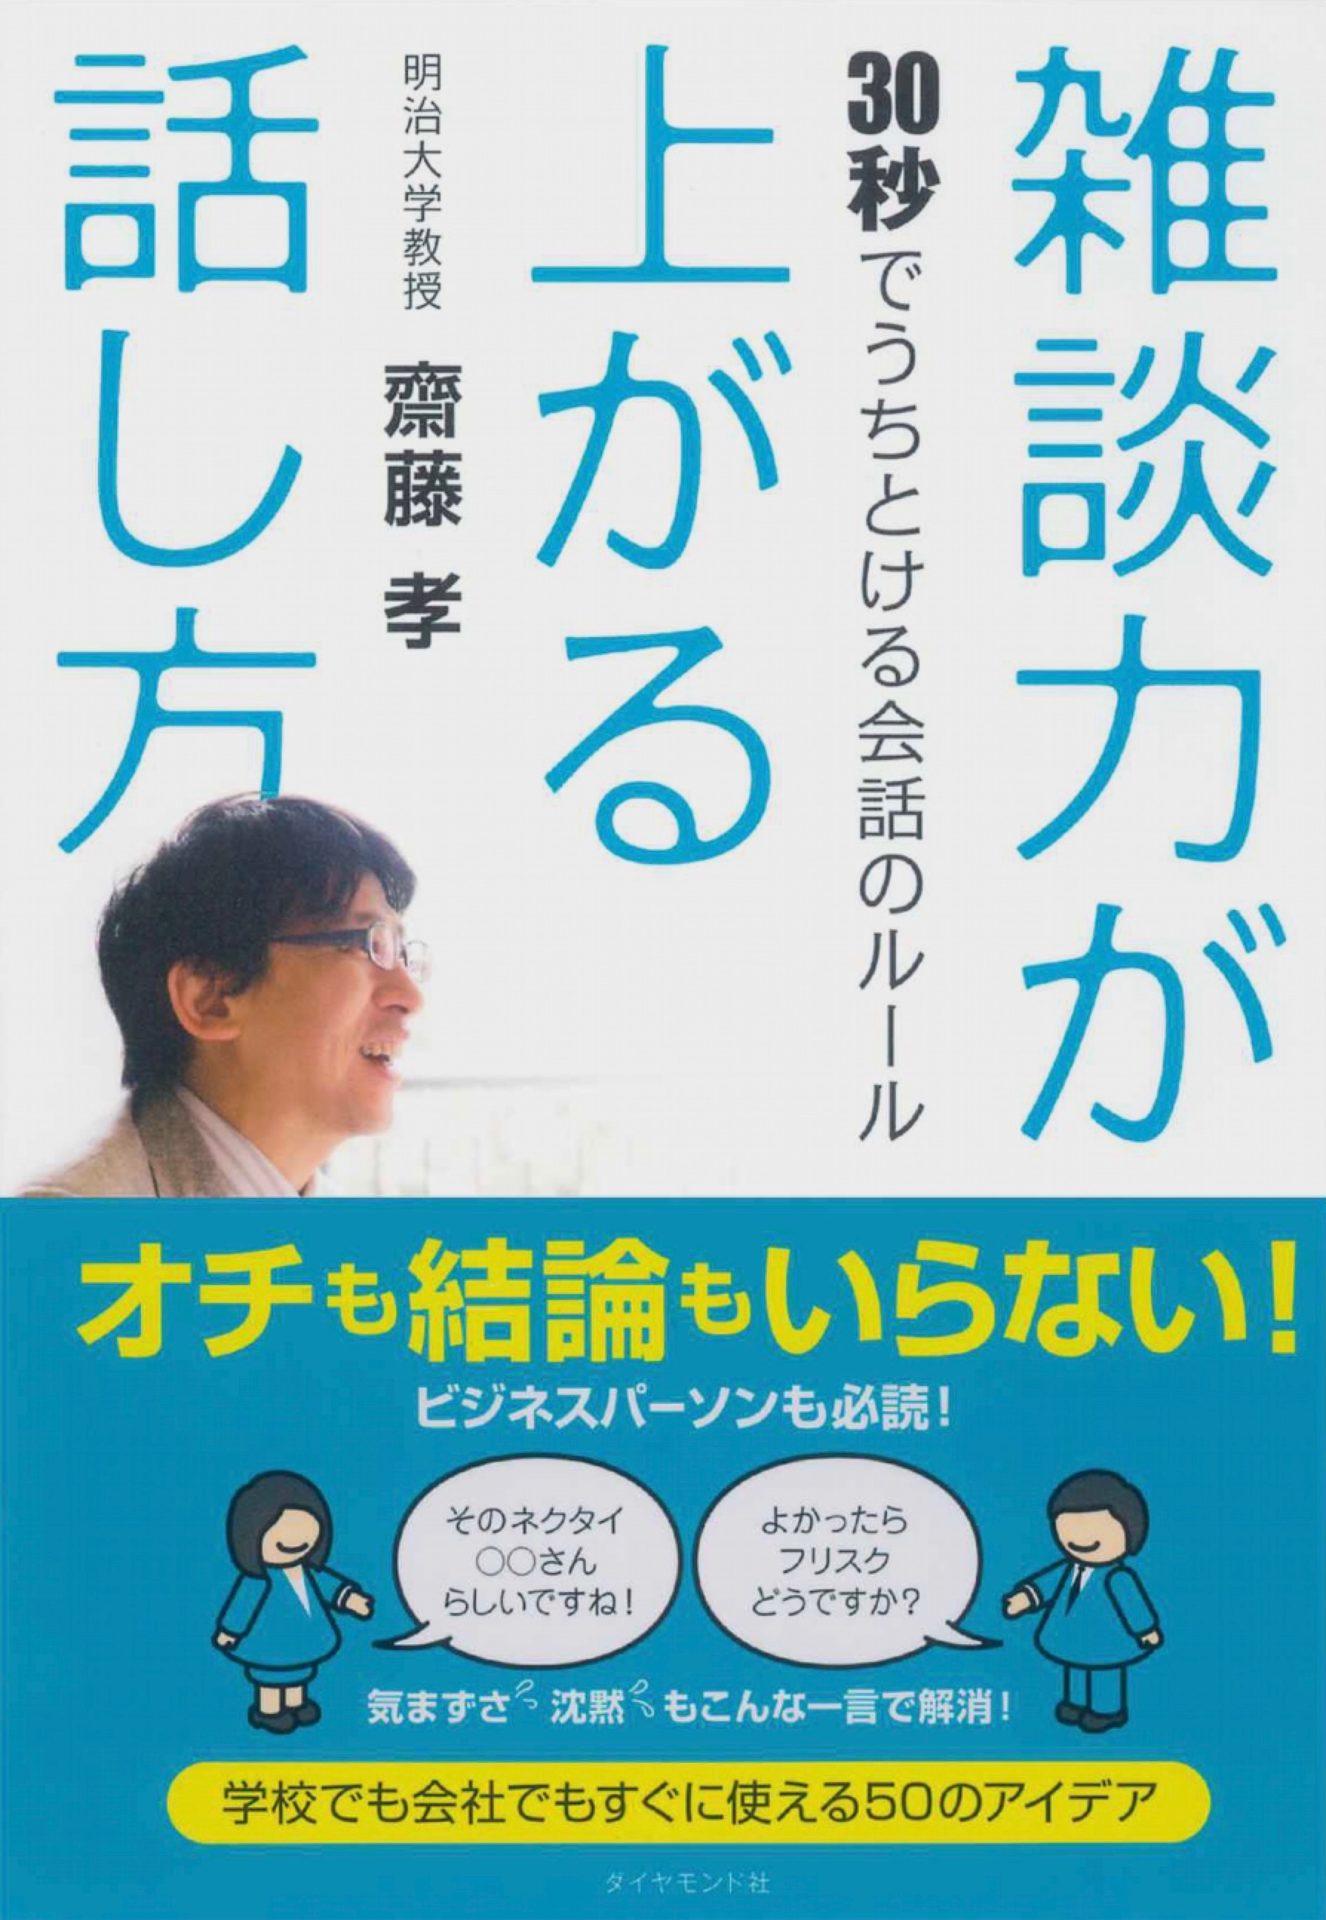 雑談力が上がる話し方 齋藤孝さん